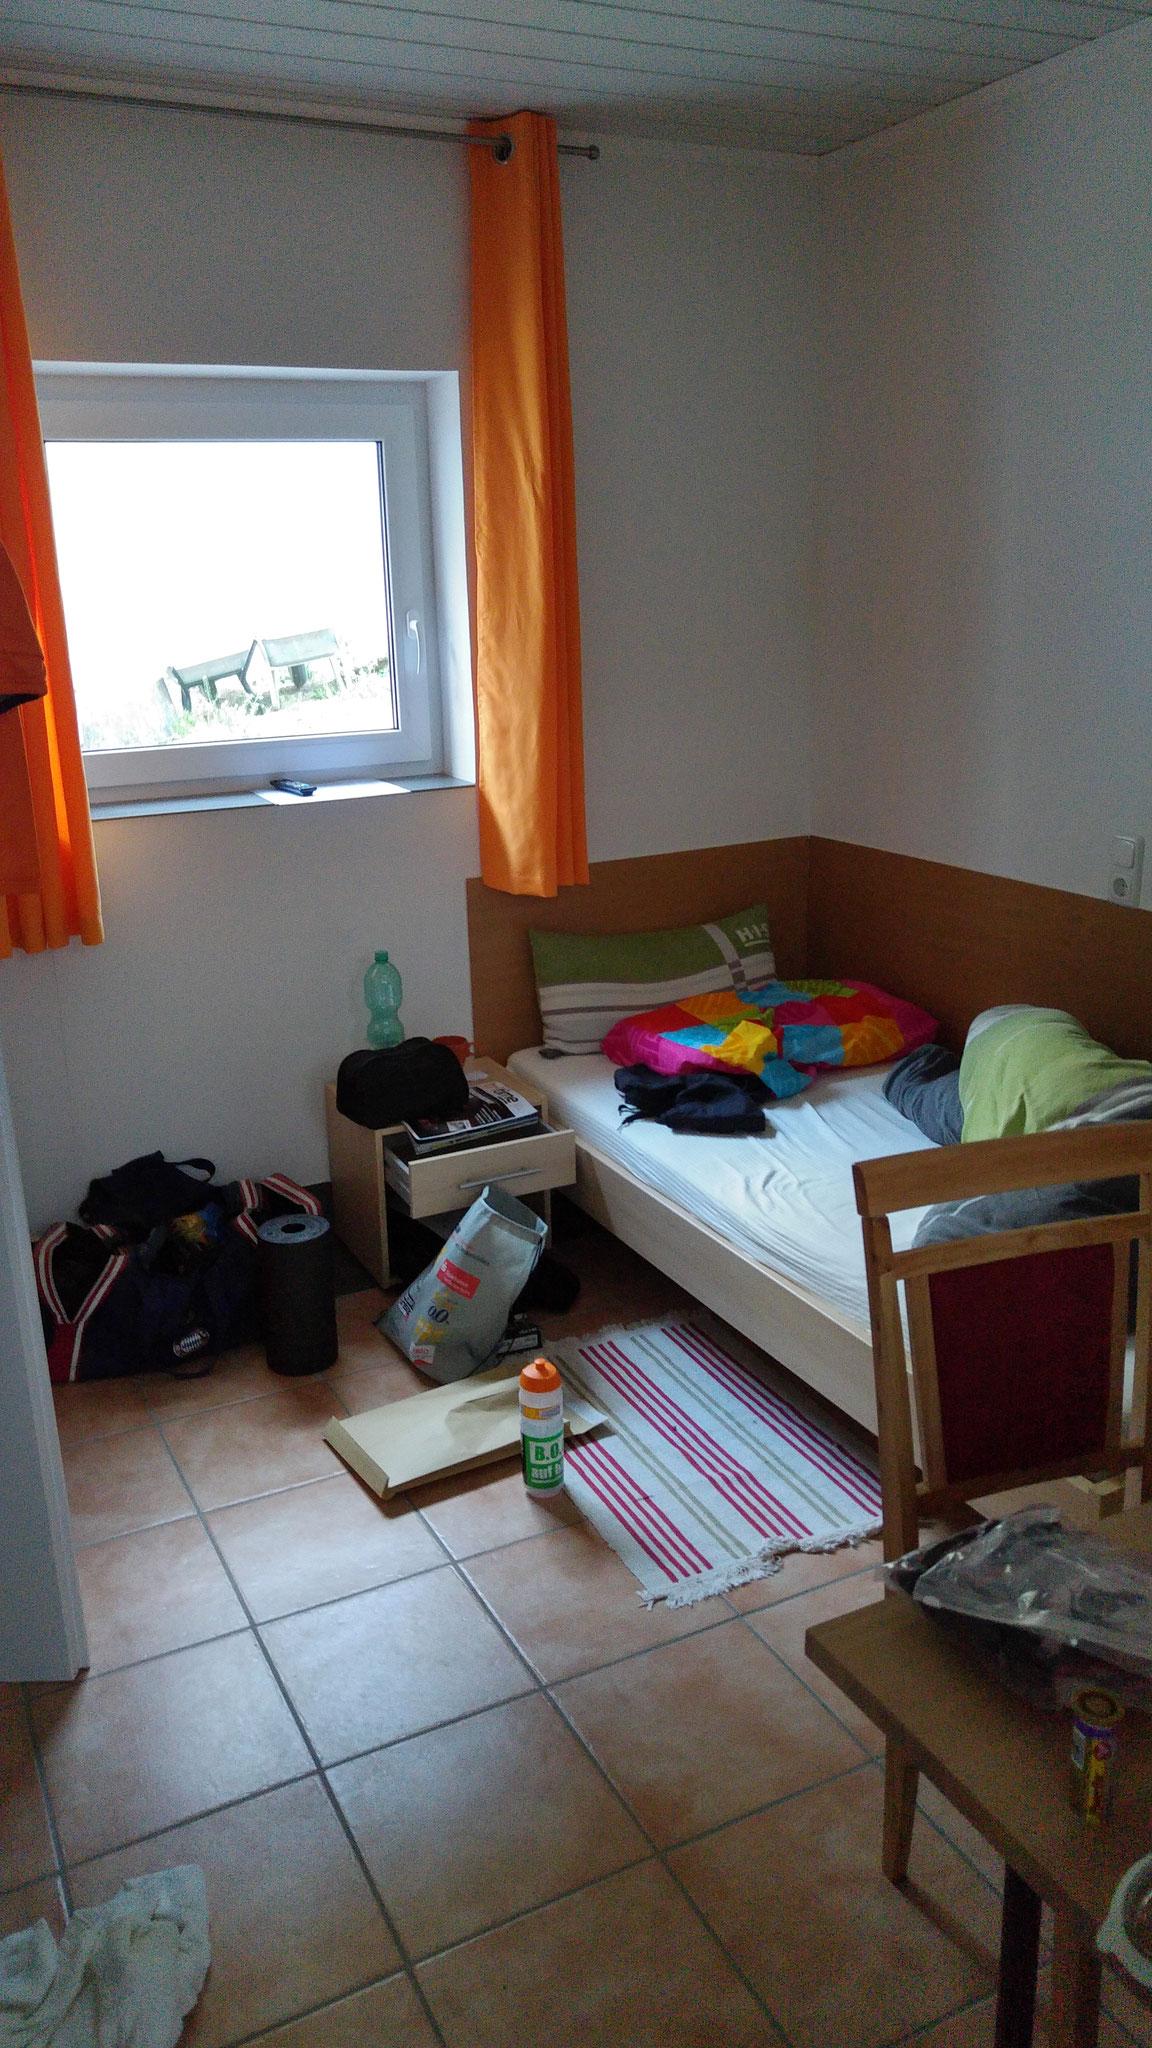 kleines aber gemütliches Zimmerchen ;-)